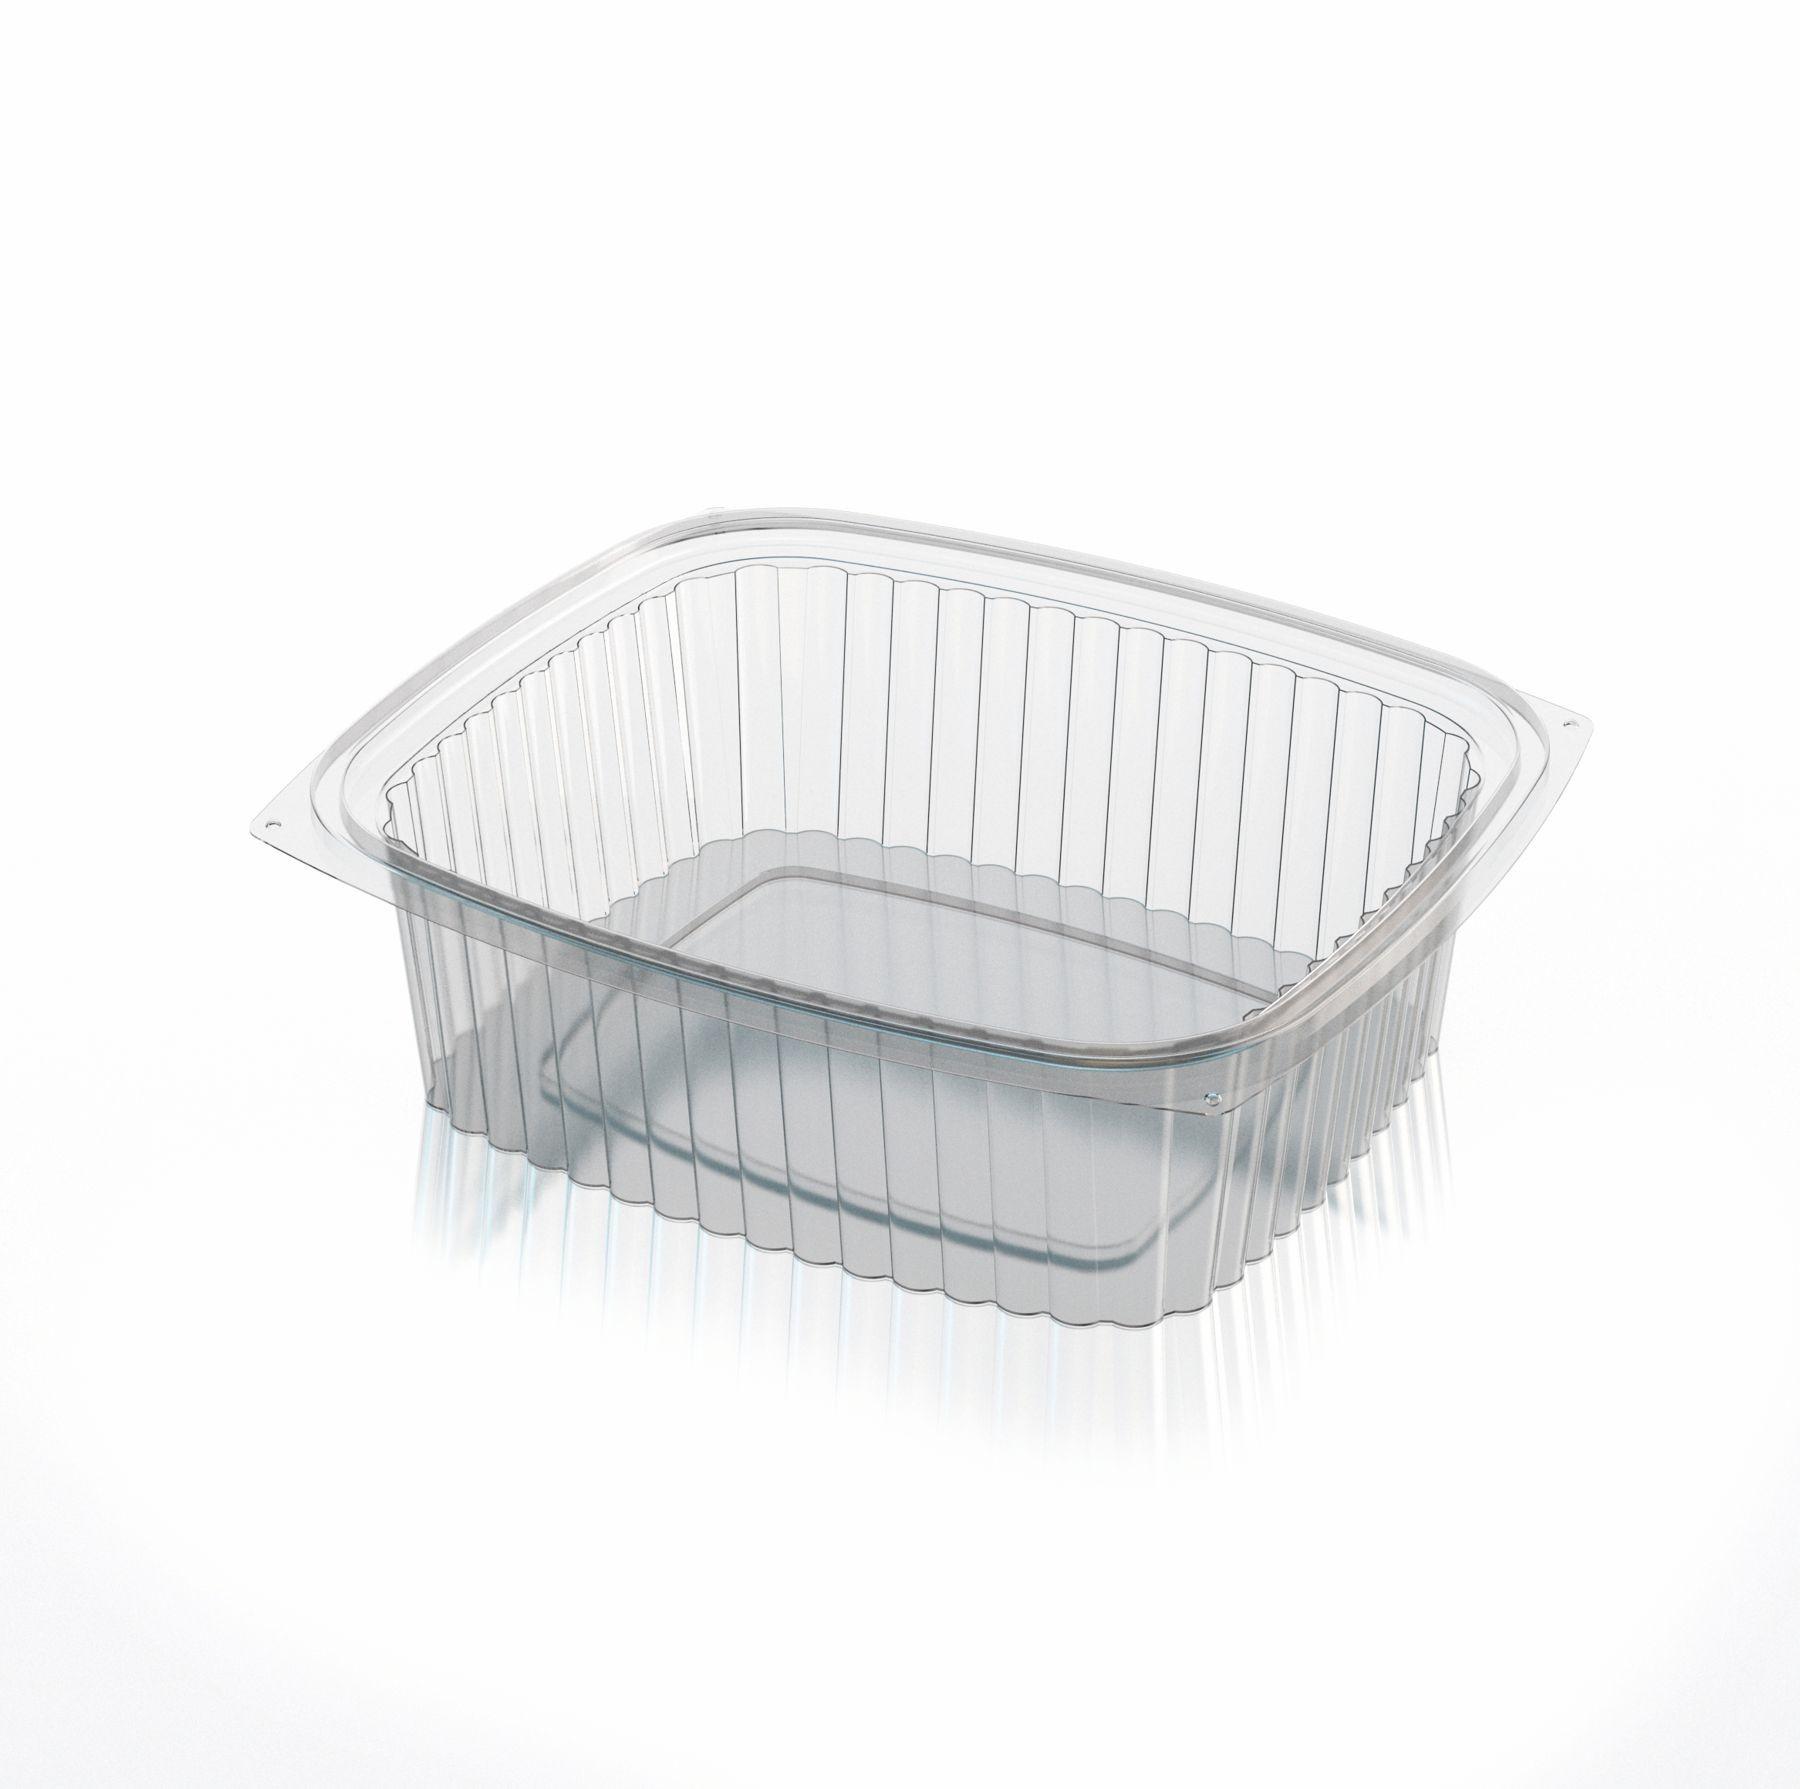 C1000 - Deli Container 1,000cc (32 oz.) Clear - Case of 600